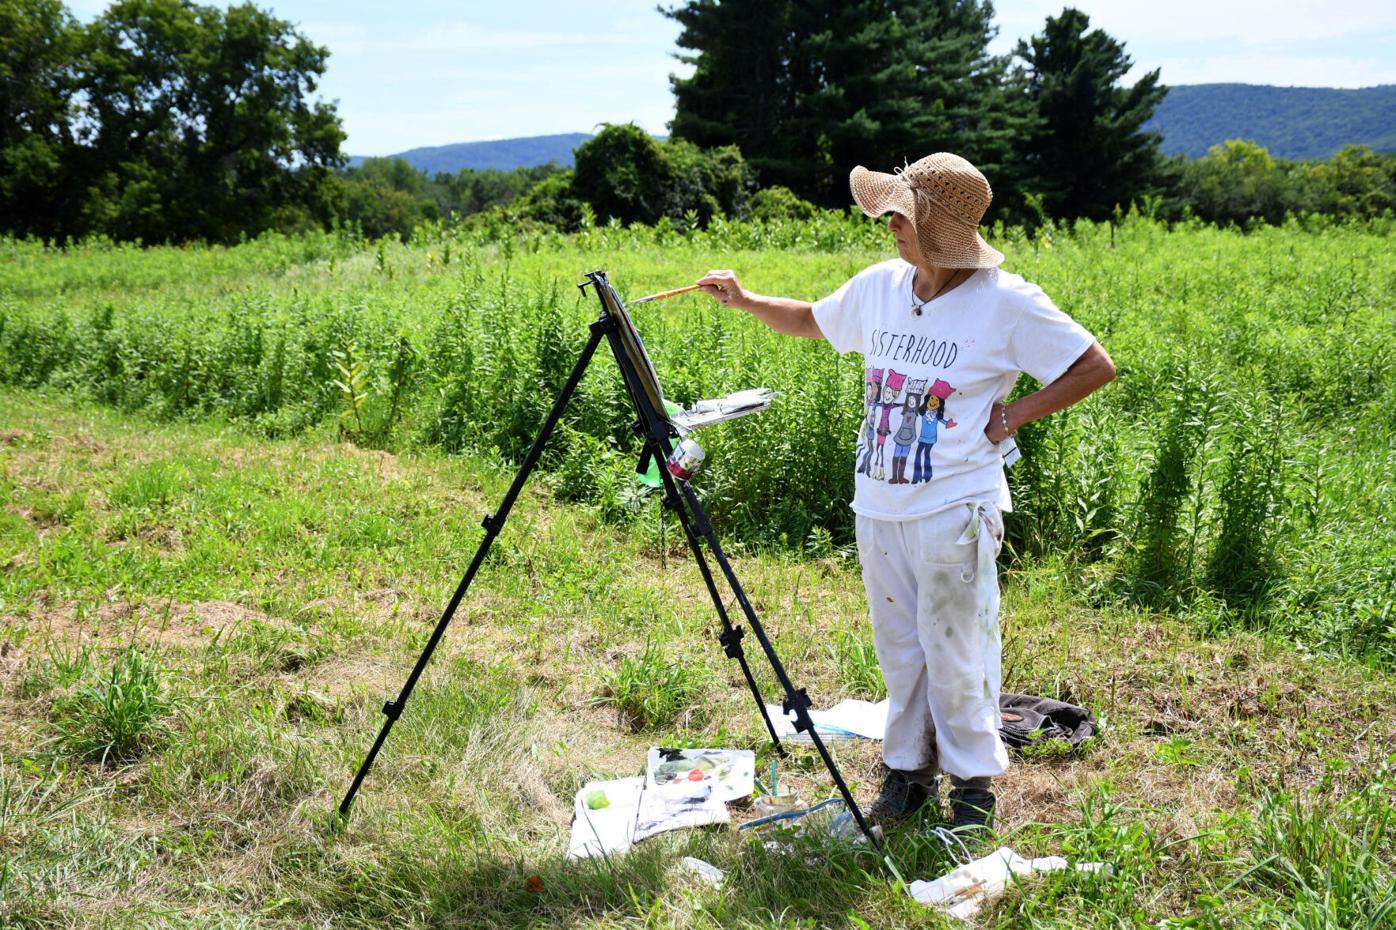 Woman paints in a field